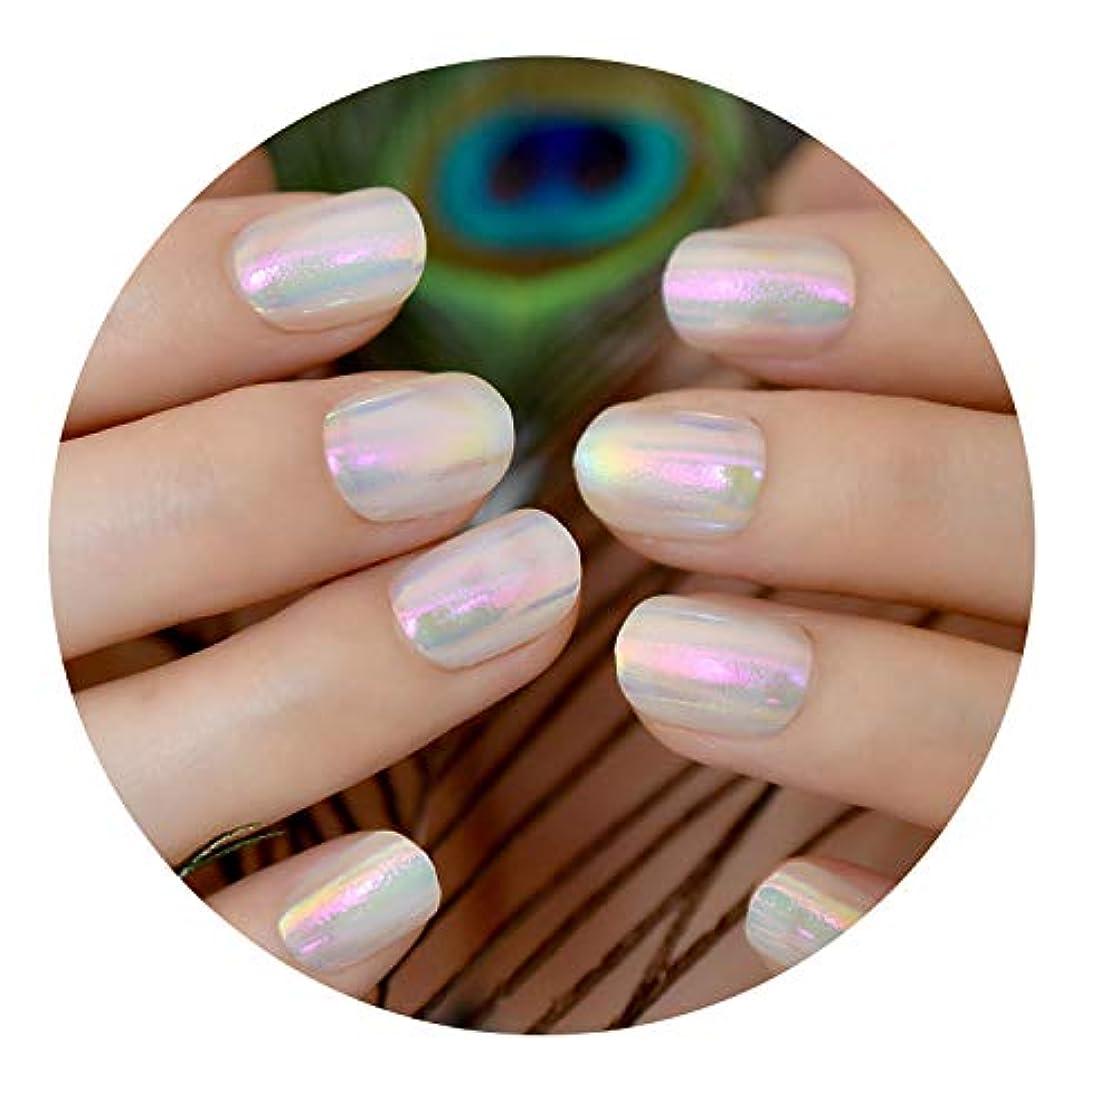 宣言する拘束するカップアクリル偽爪短いラウンドデザイン人工爪のヒントミラーDIY指パッチサロン製品,Z856